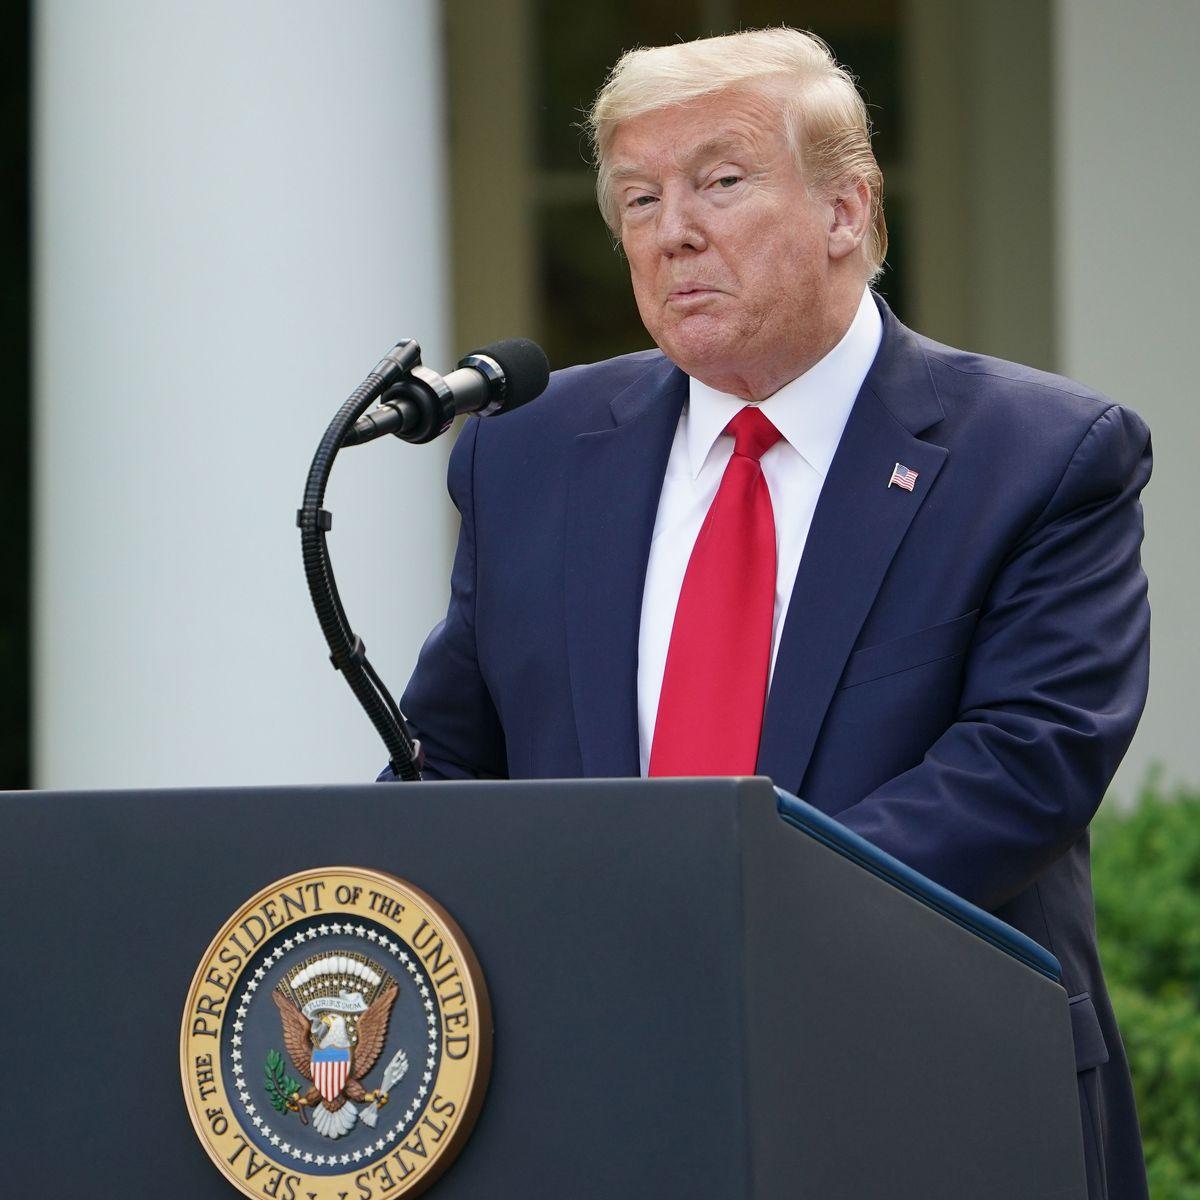 Trump S Coronavirus Briefings Should Be Seen In Full